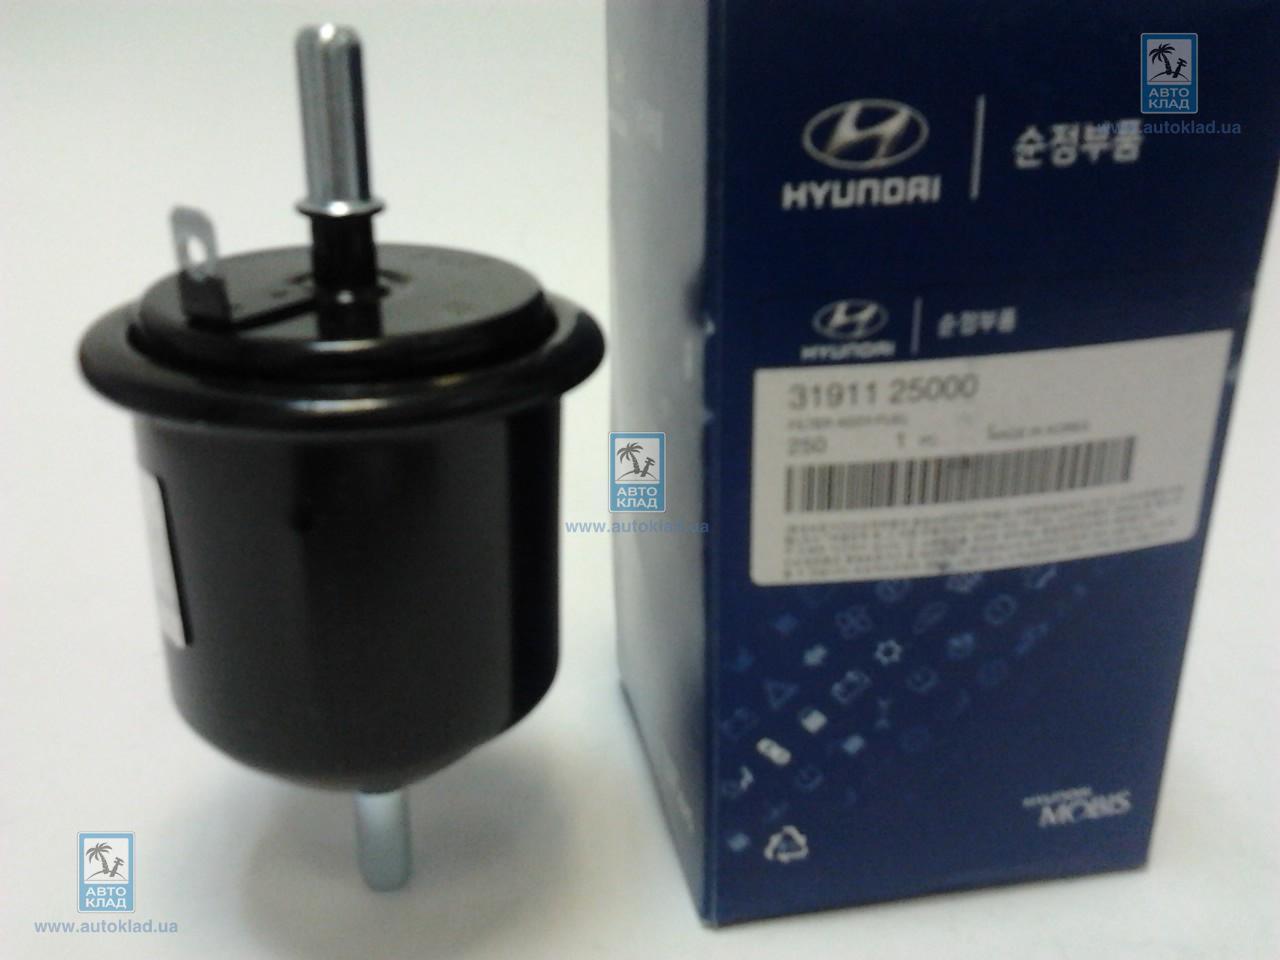 Фильтр топливный HYUNDAI/KIA 3191125000